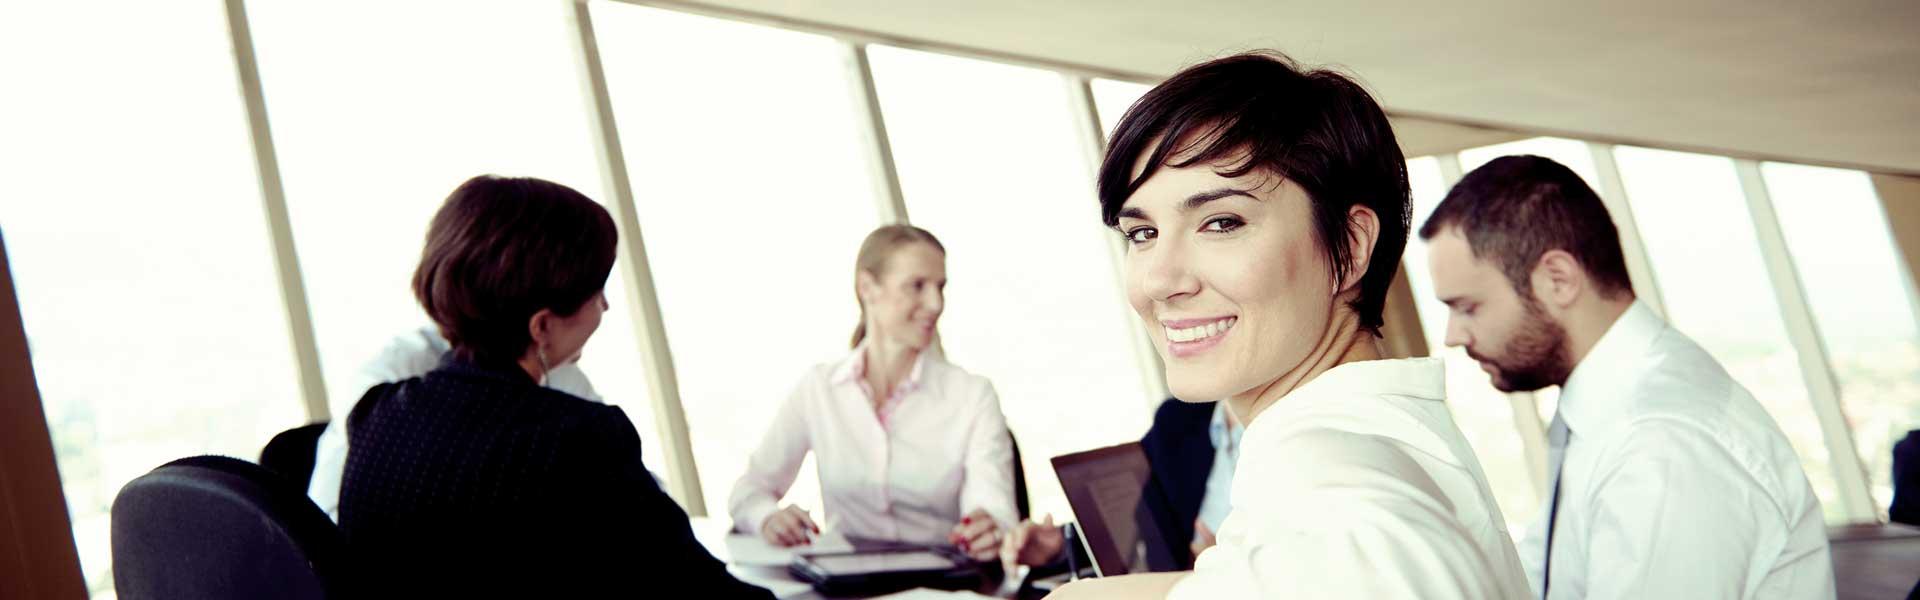 Vuoi una agenzia che realizzi la tua Strategia di Posizionamento sul Mercato